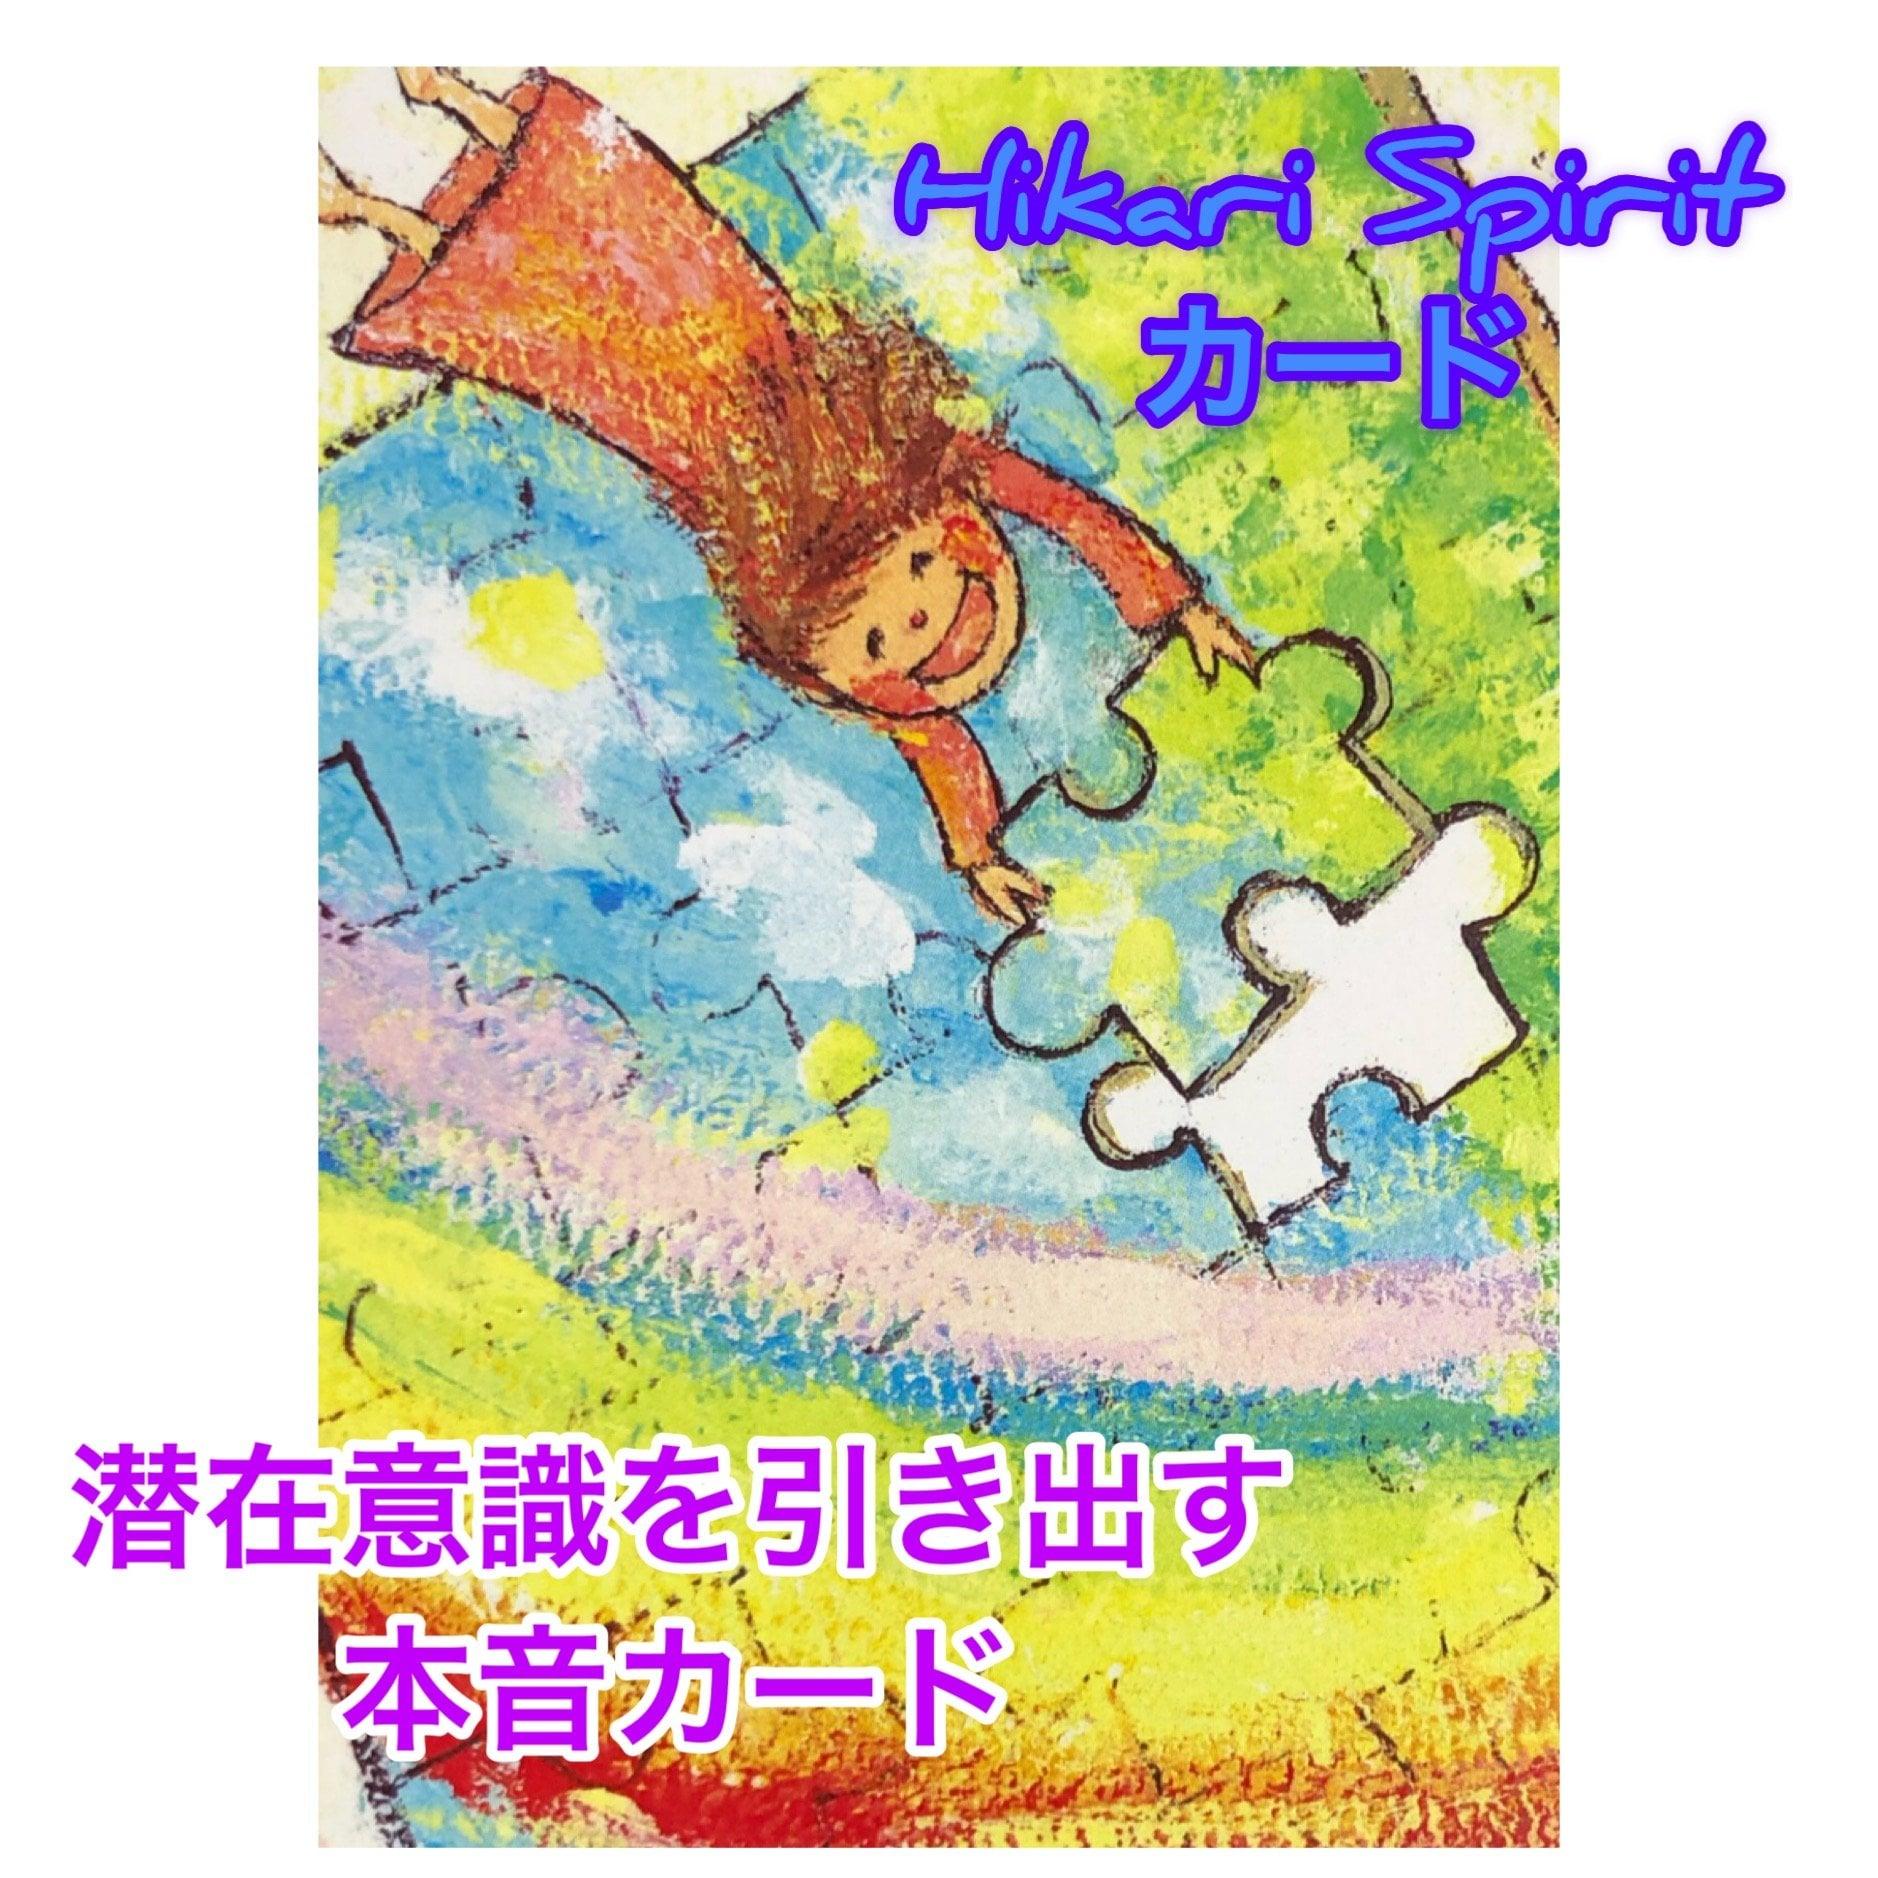 60分 Hikari スピリットカードセッションのイメージその1